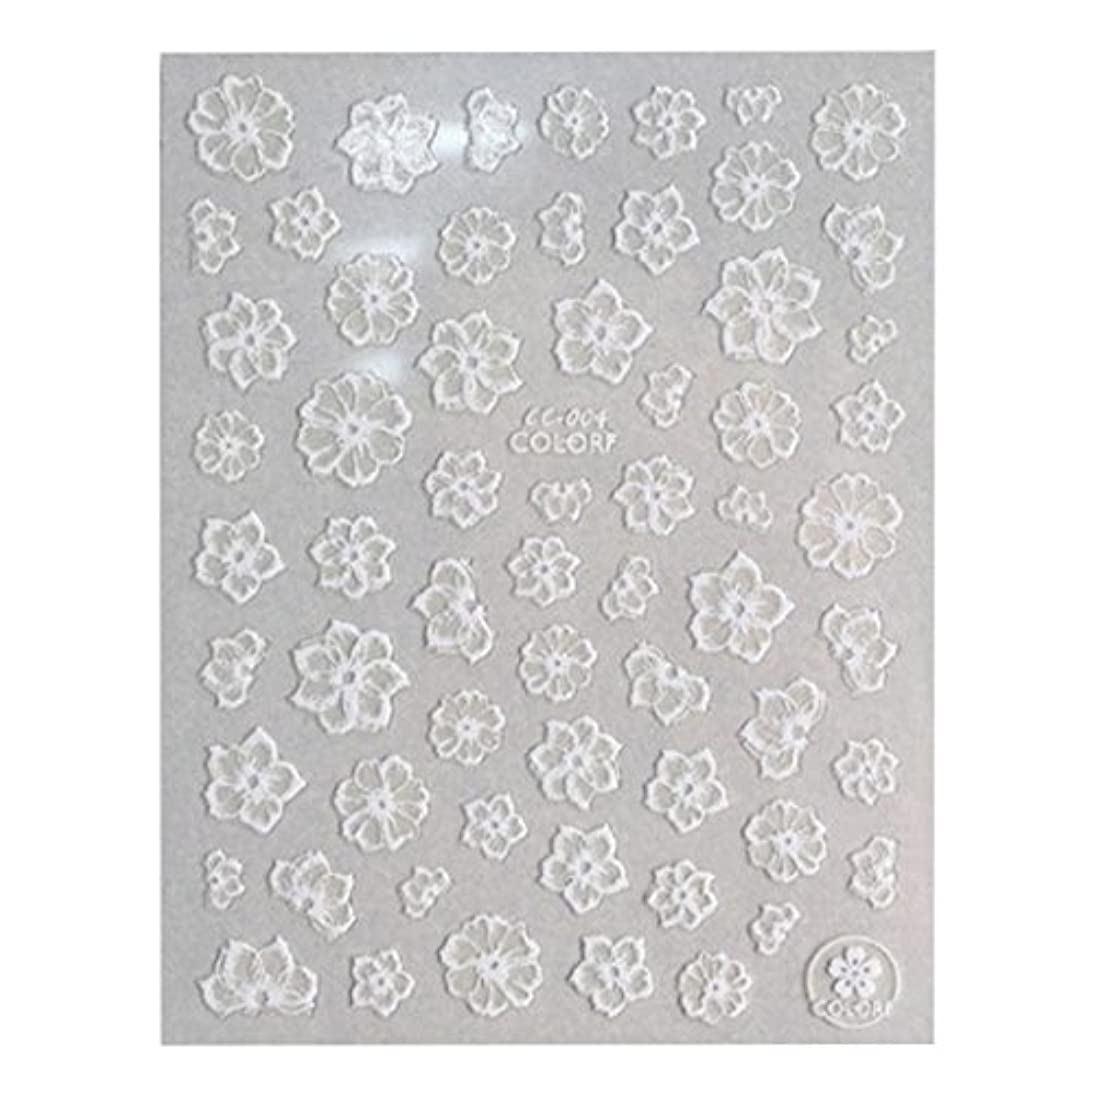 抗議顕著フィドルKapmore ネイル用シール ステッカー 花 DIY 3D 立体 マニキュア 貼る デザイン 簡単 便利 白 全9タイプ (04)